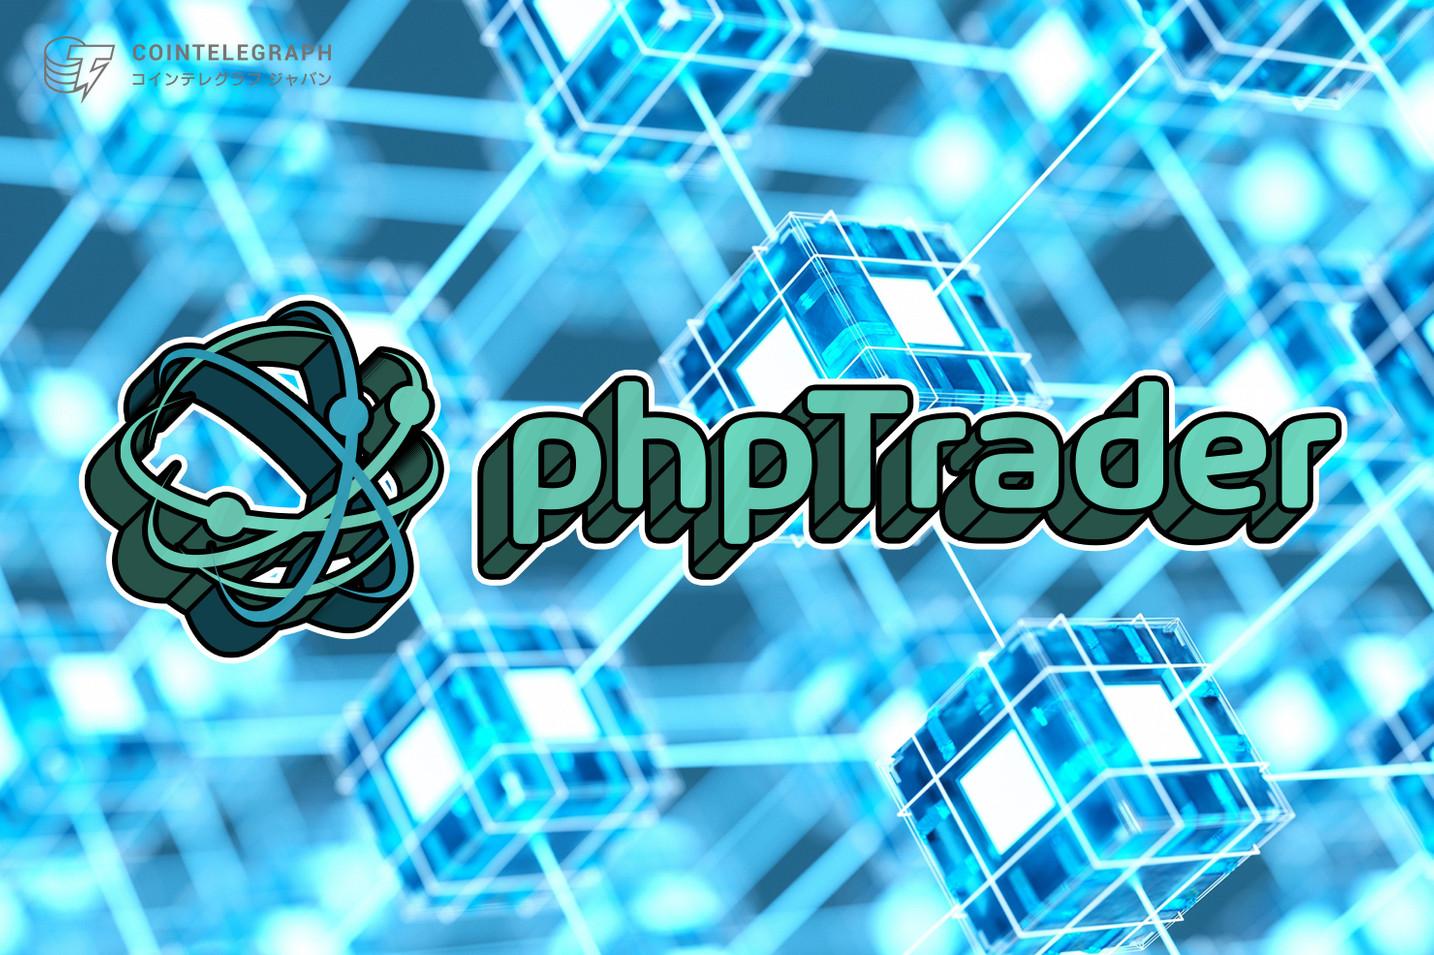 phpトレーダーに関するレビュー